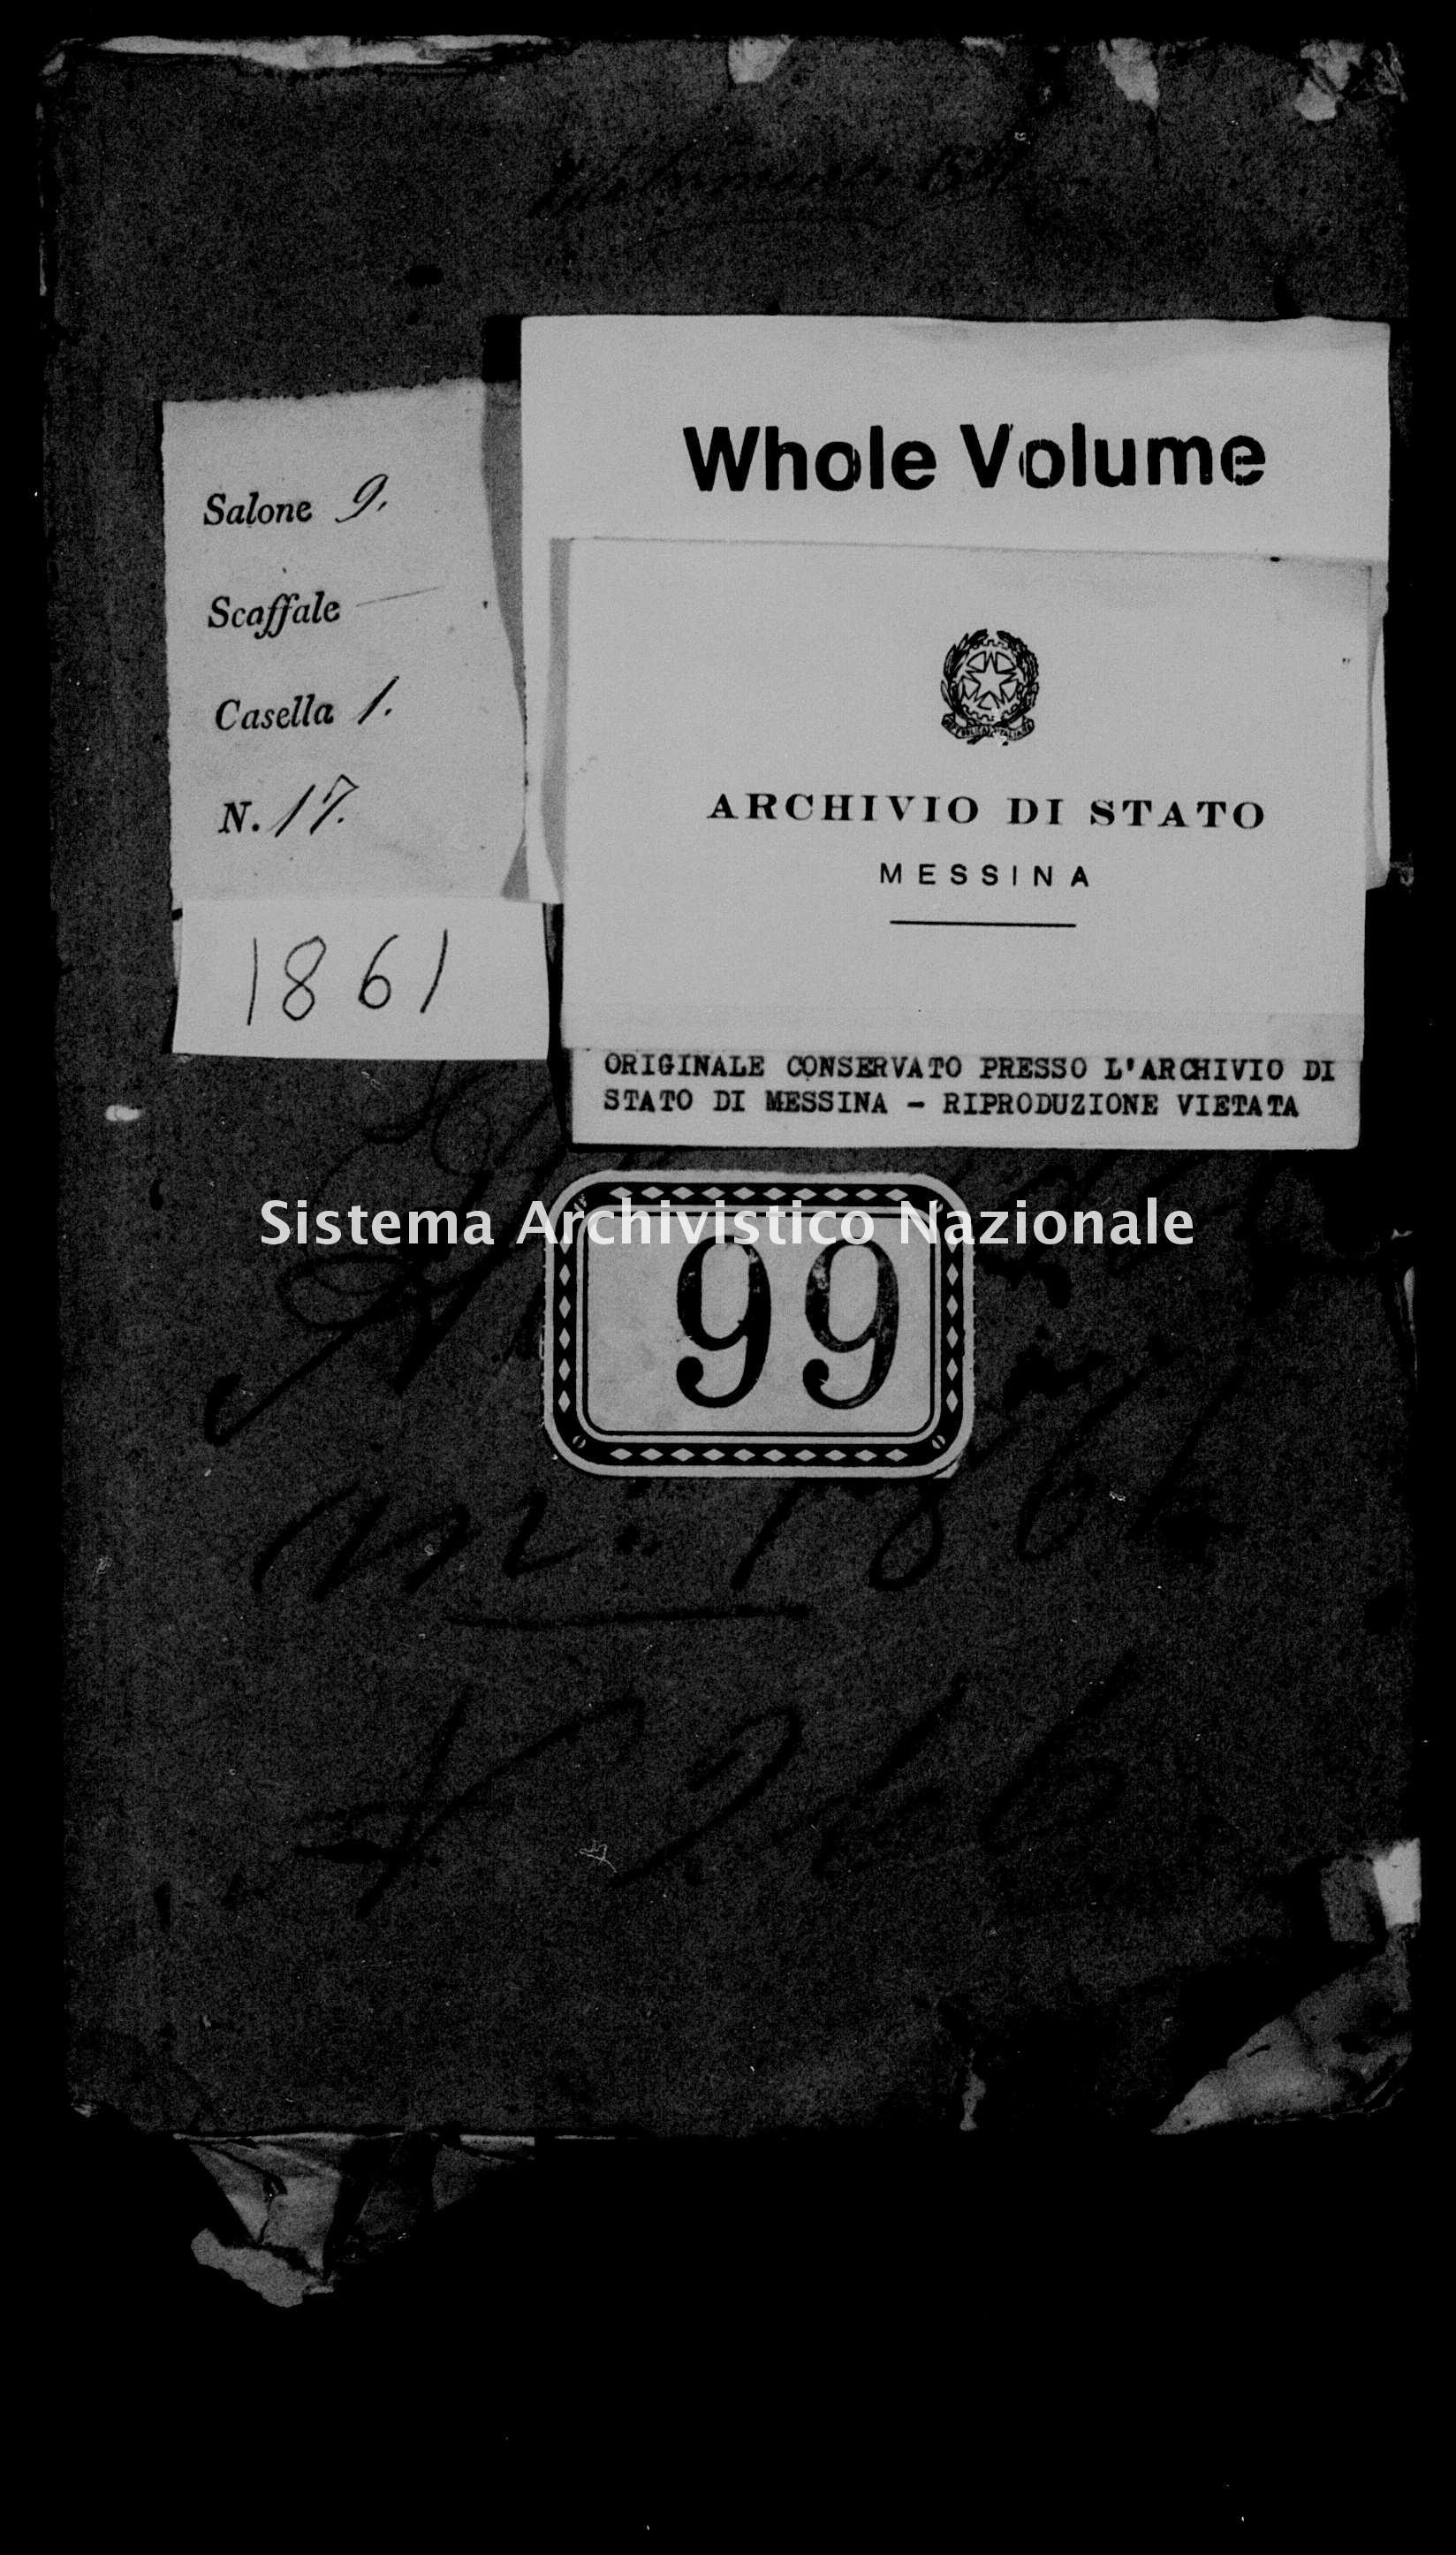 Archivio di stato di Messina - Stato civile italiano - Alcara li Fusi - Matrimoni - 1861 - 99 -